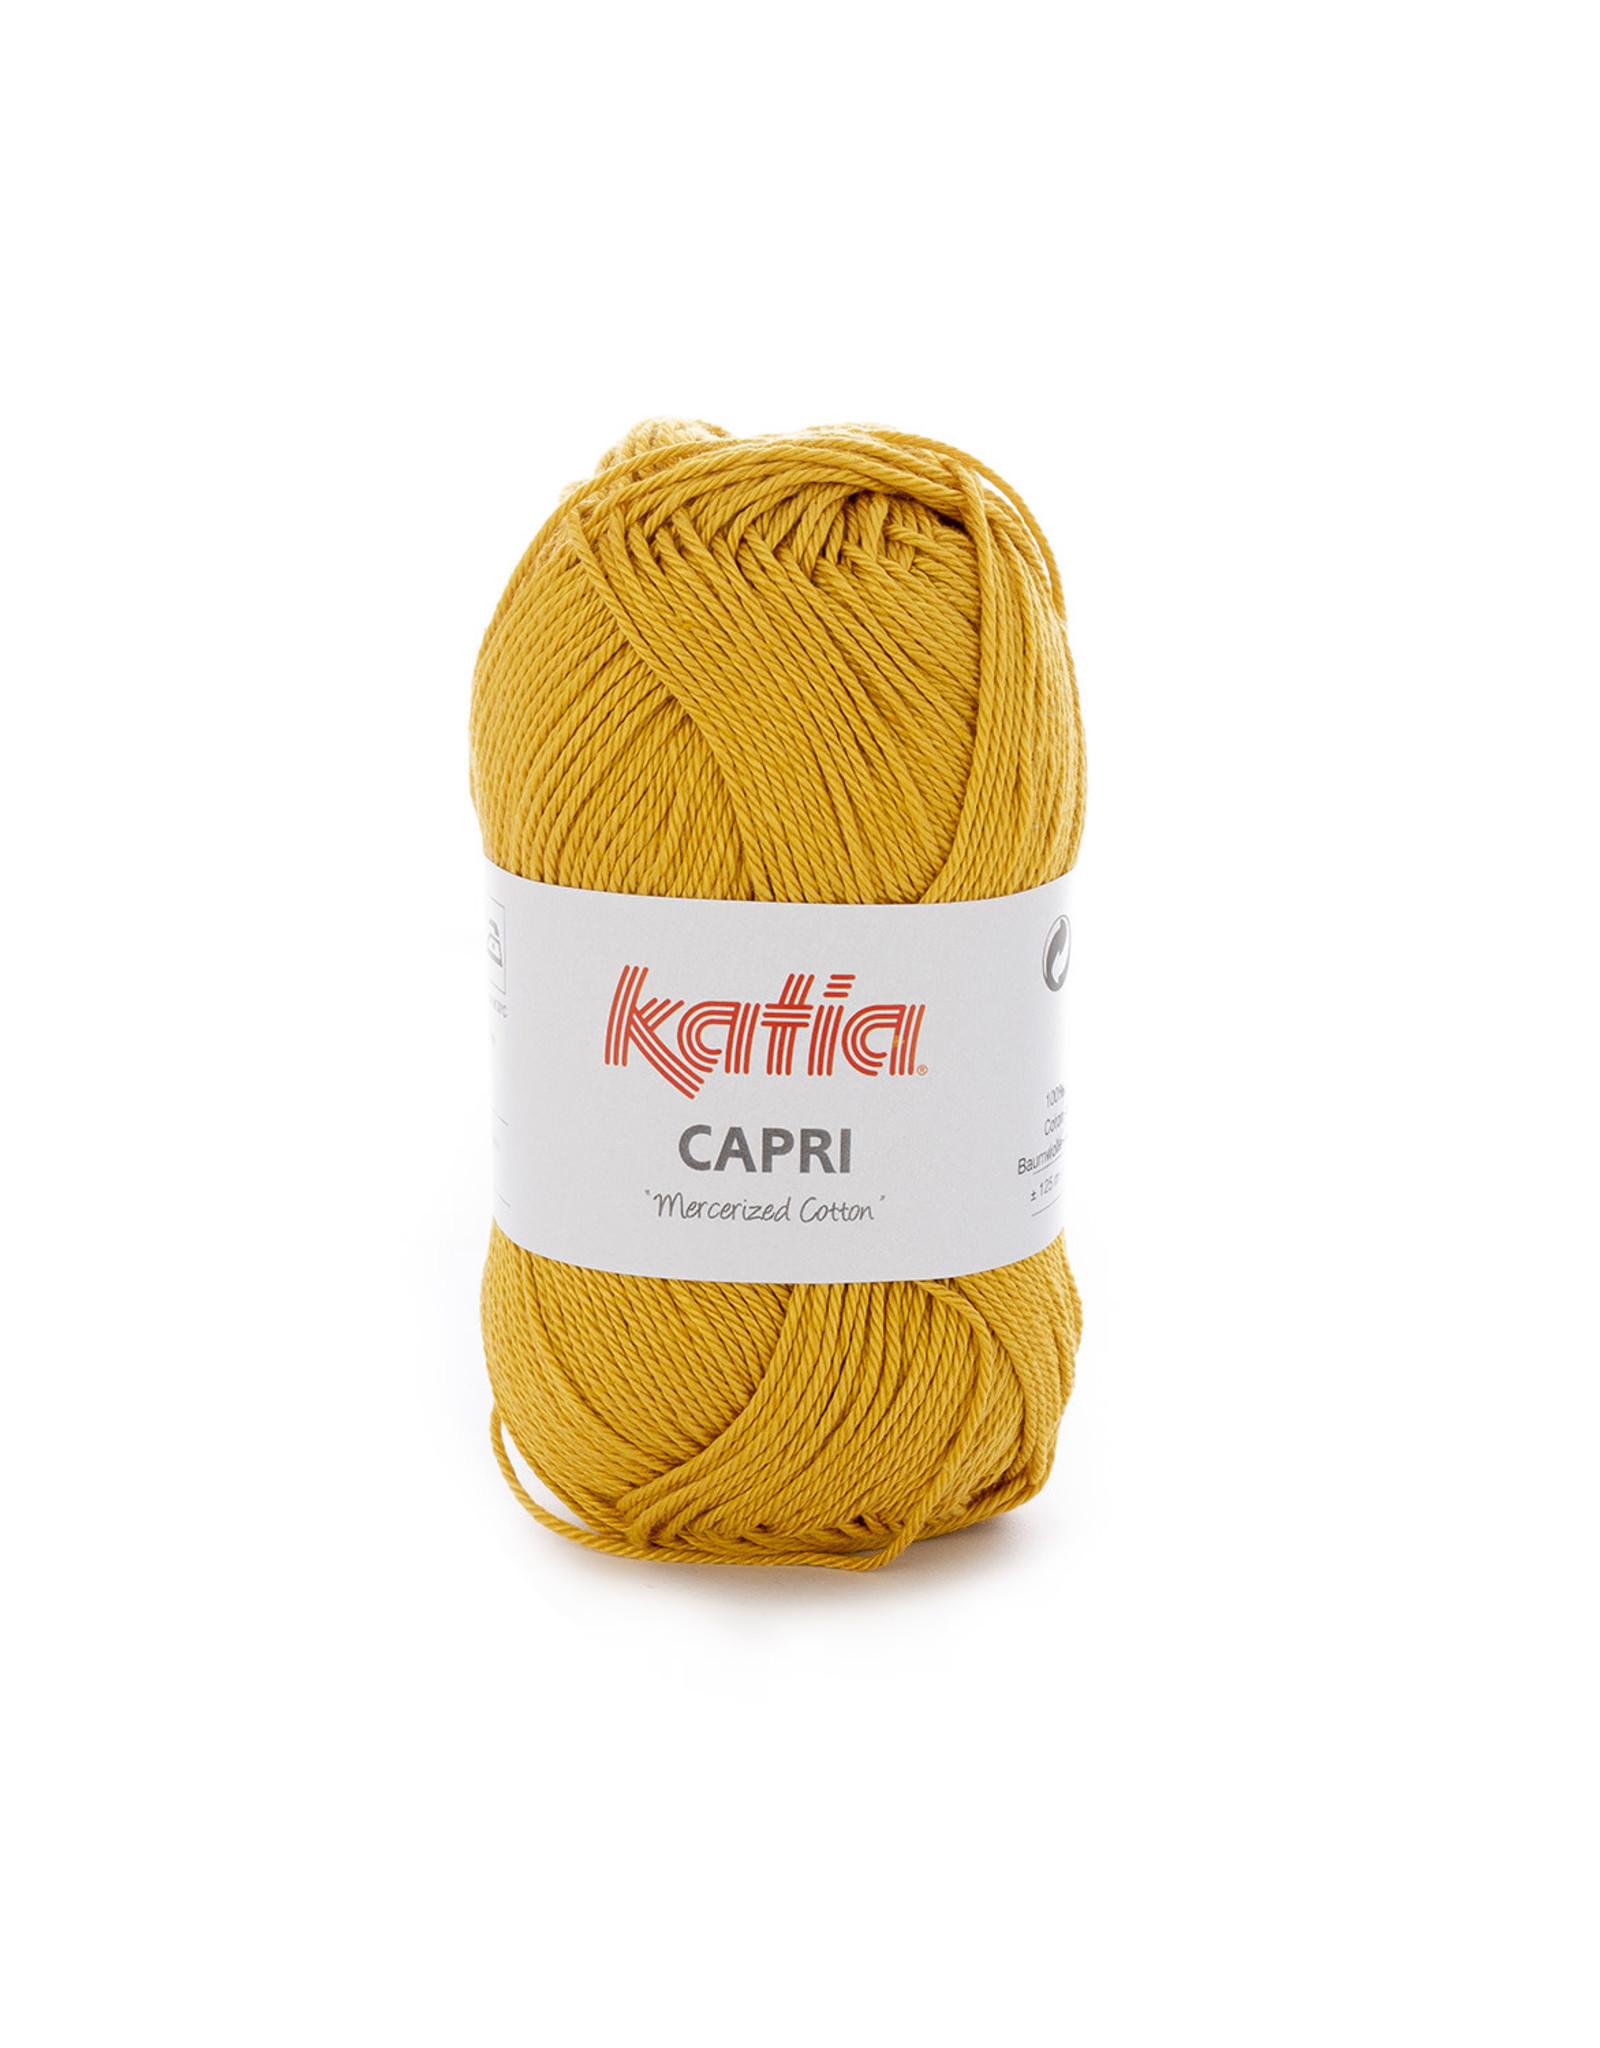 Katia Katia Capri 82144 mostergeel